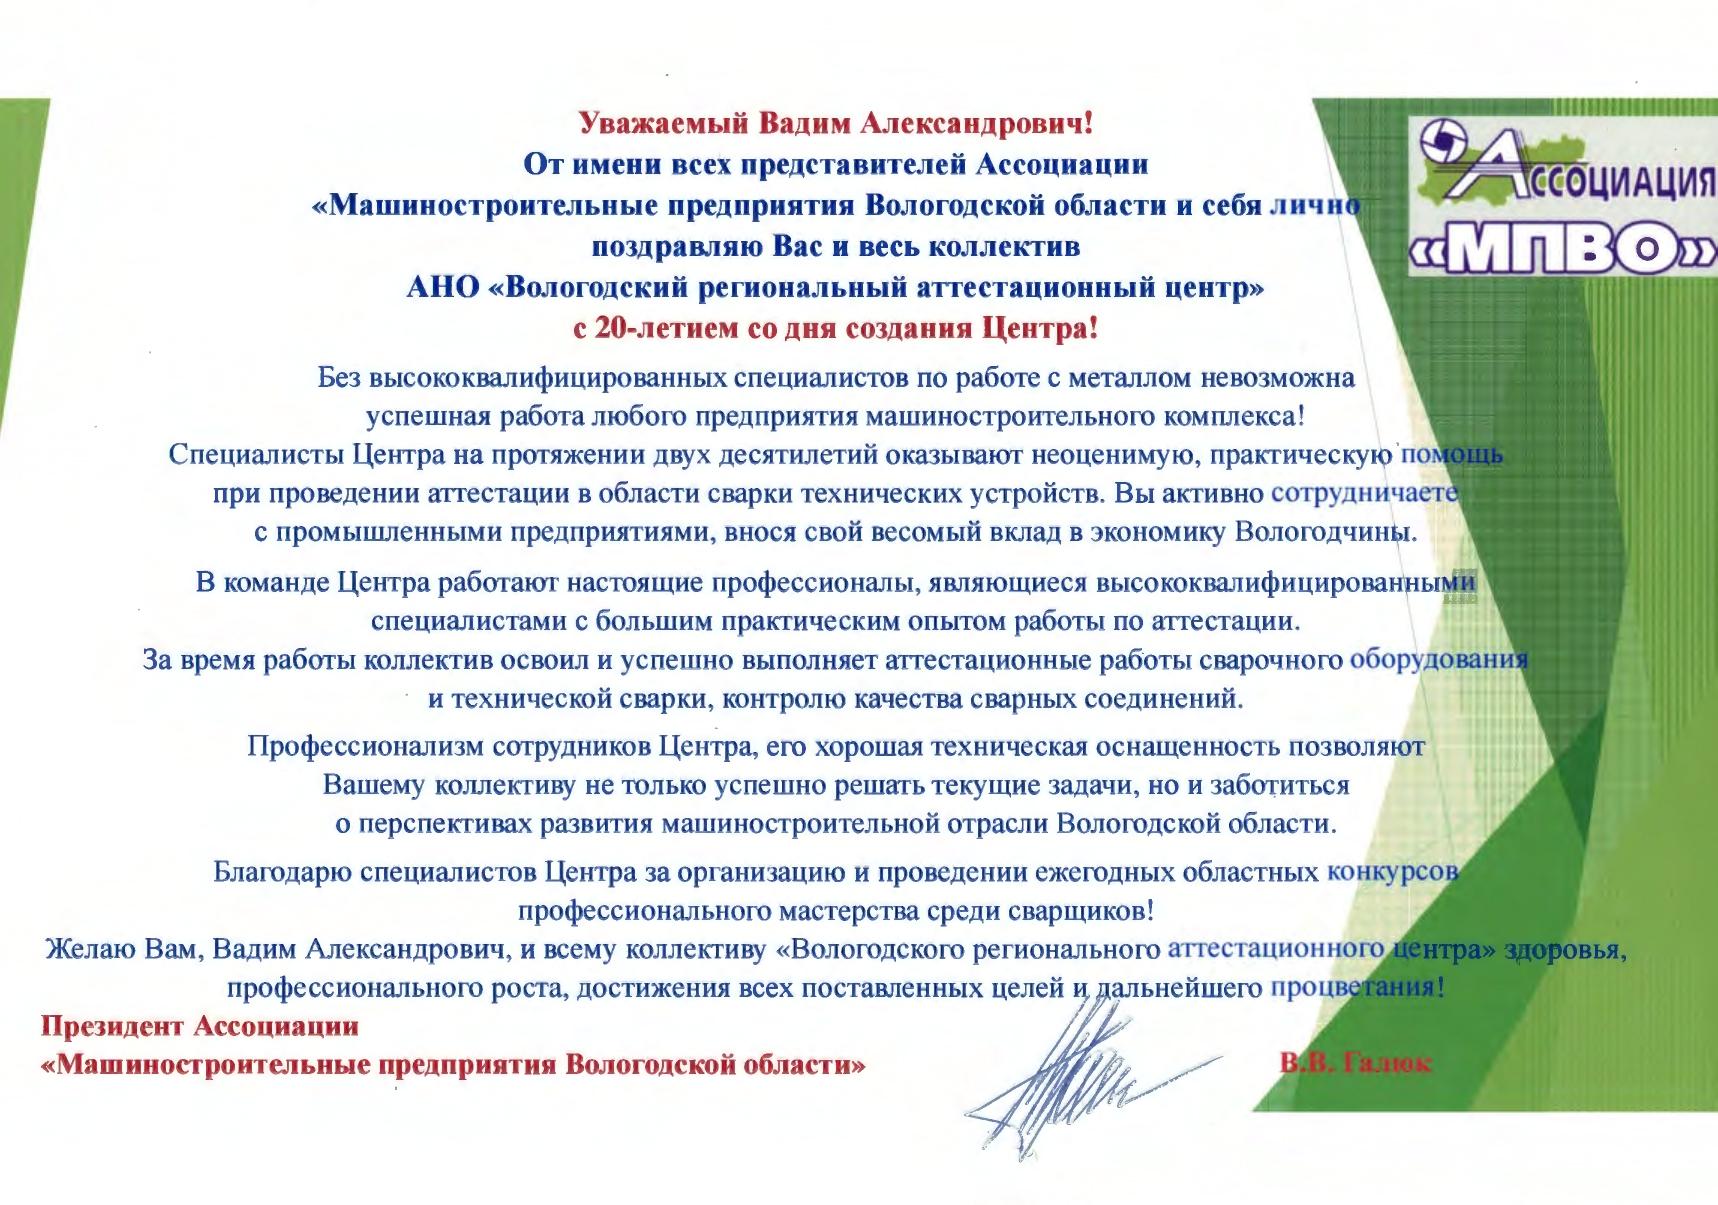 4 Поздравление от Аттсциации МПВО_page-0001